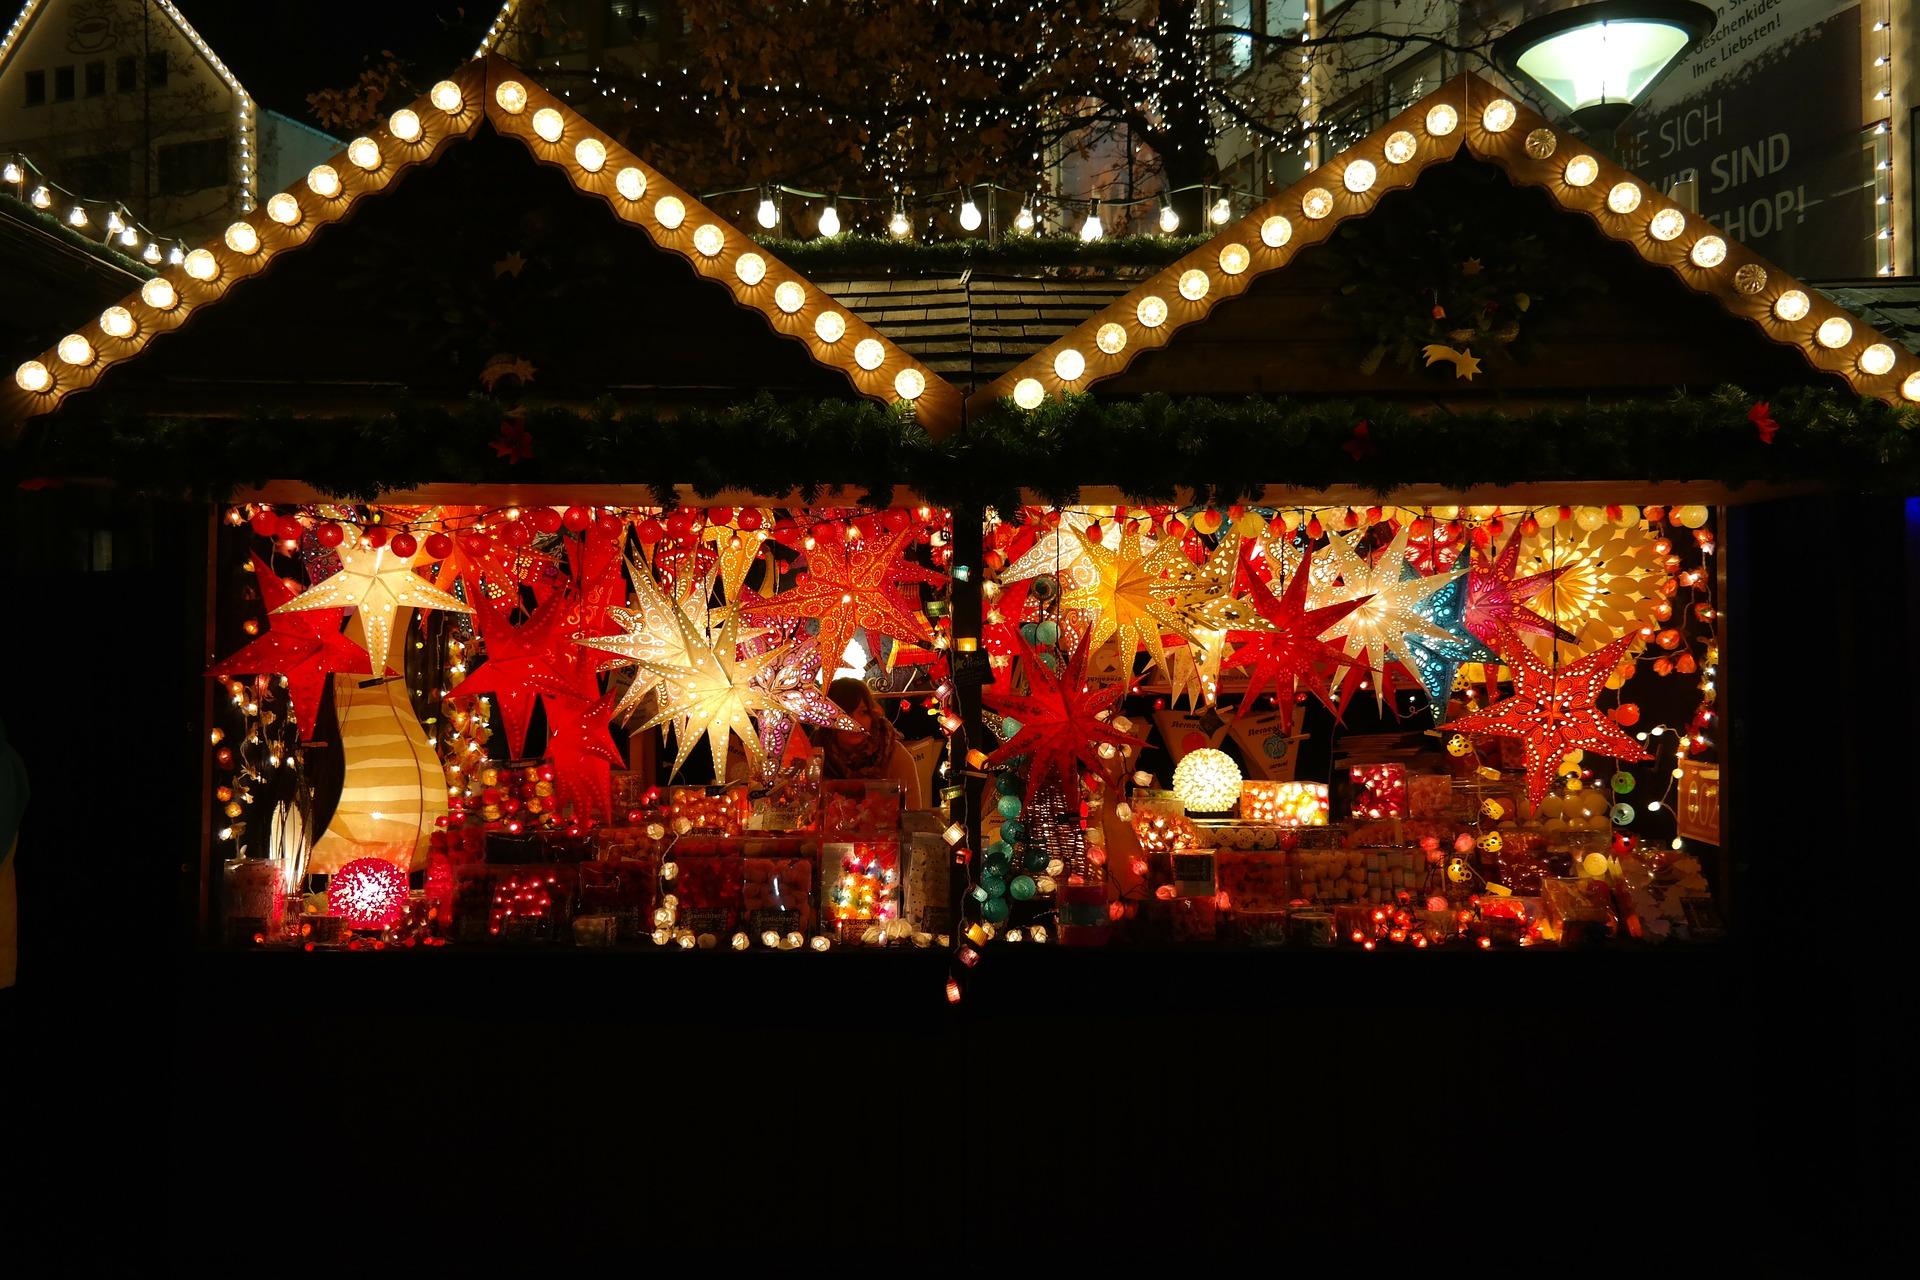 Münster Weihnachtsmarkt öffnungszeiten.Weihnachtsmarkt Münster Kiepenkerl Lamberti Rathaus